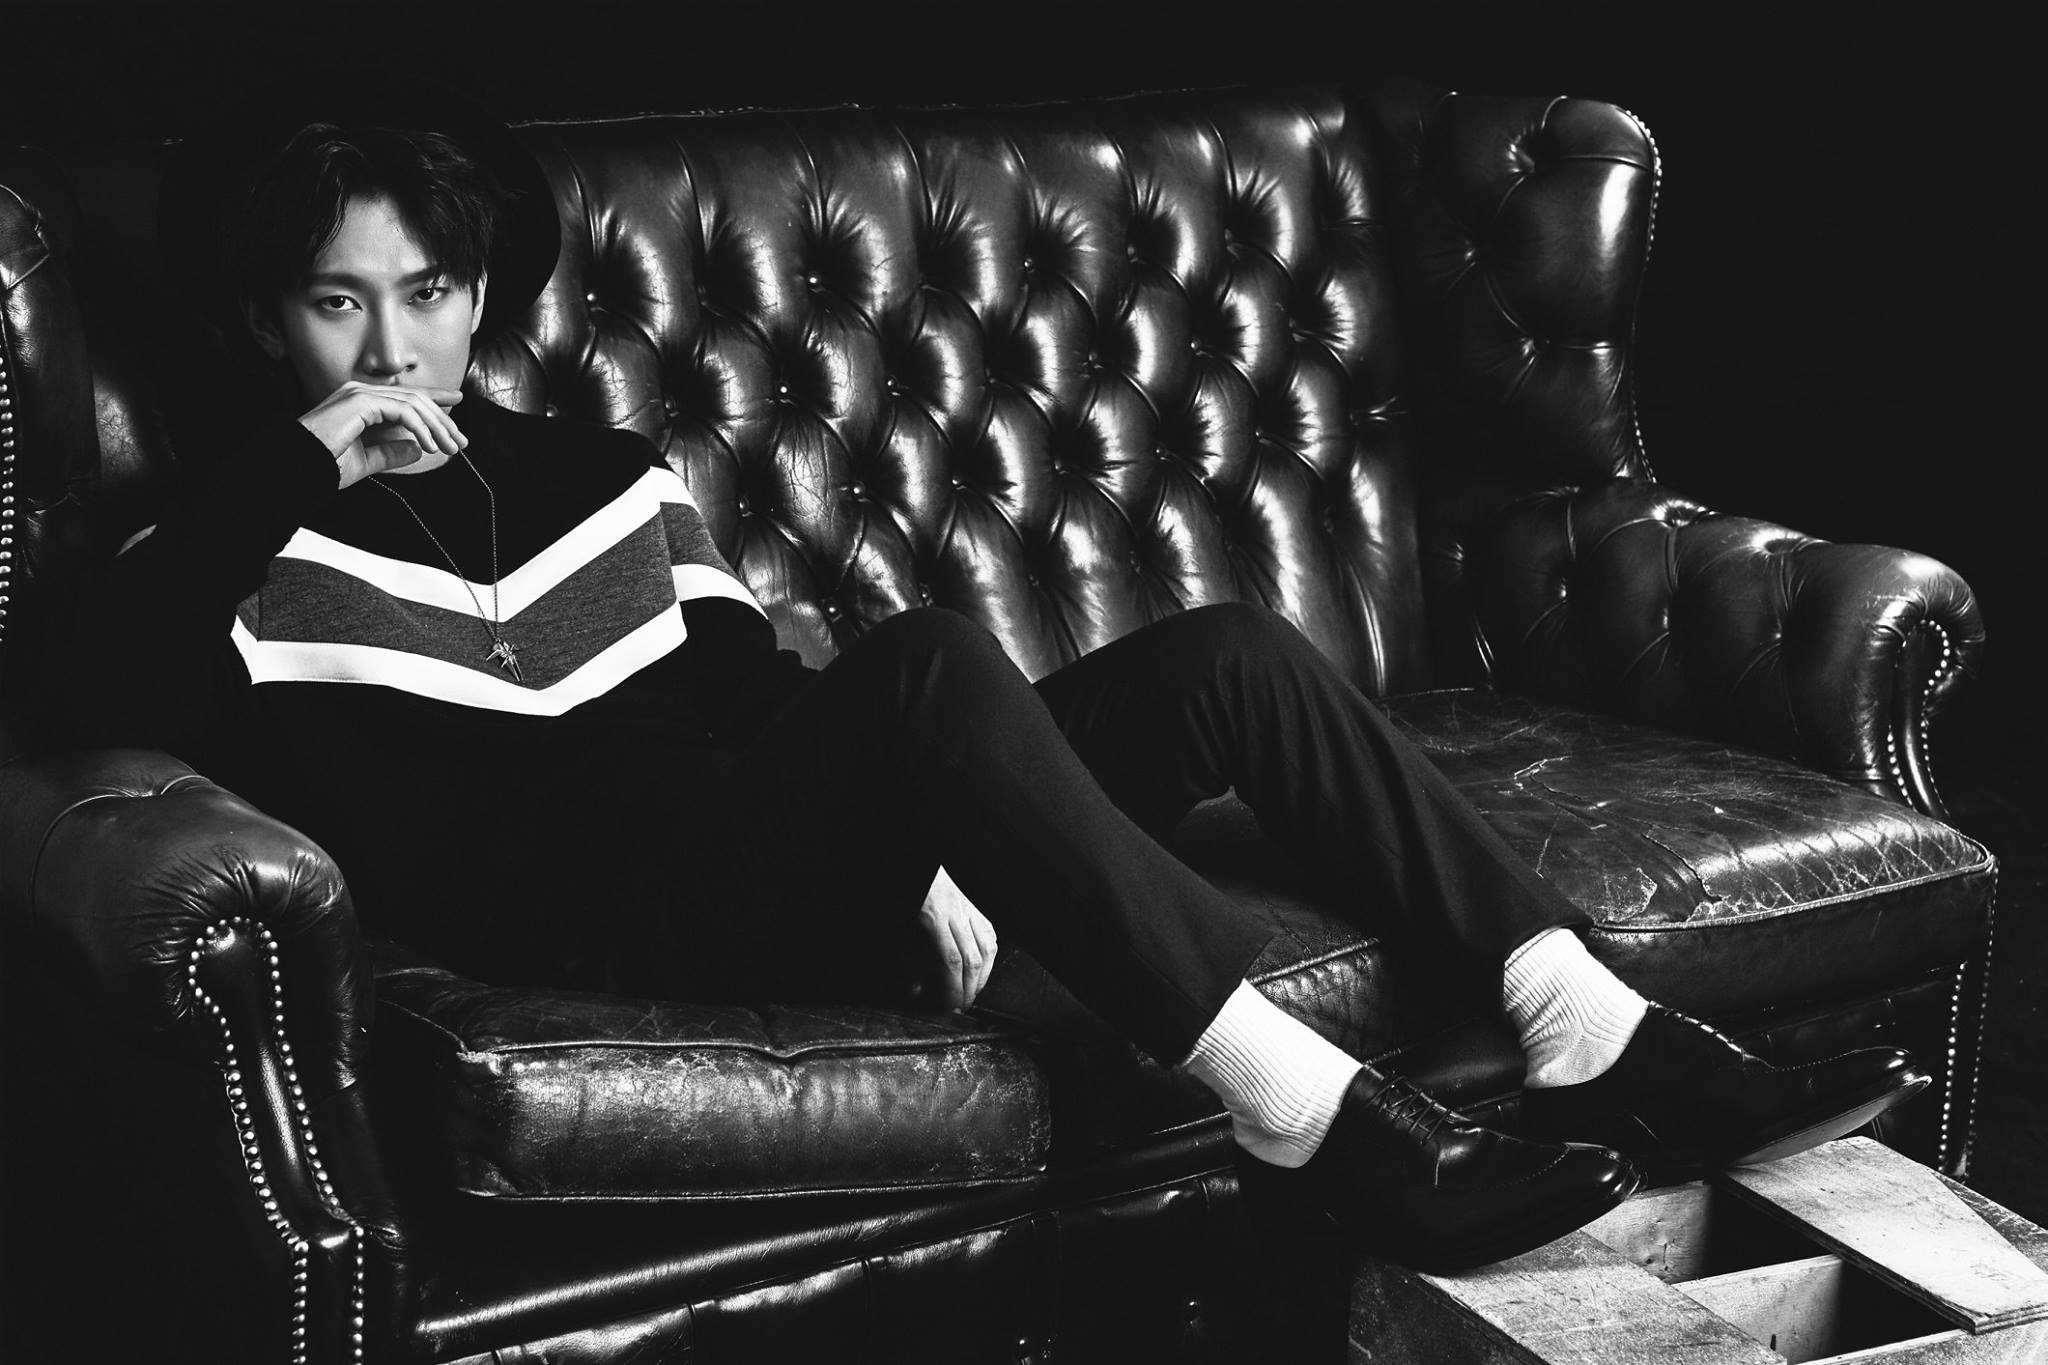 8.BTOB恩光 是粉絲就會知道恩光的音域很廣,之前也在節目《不朽的名曲》中展現自己的好歌喉,也讓不少韓國人都驚豔他的歌唱實力。